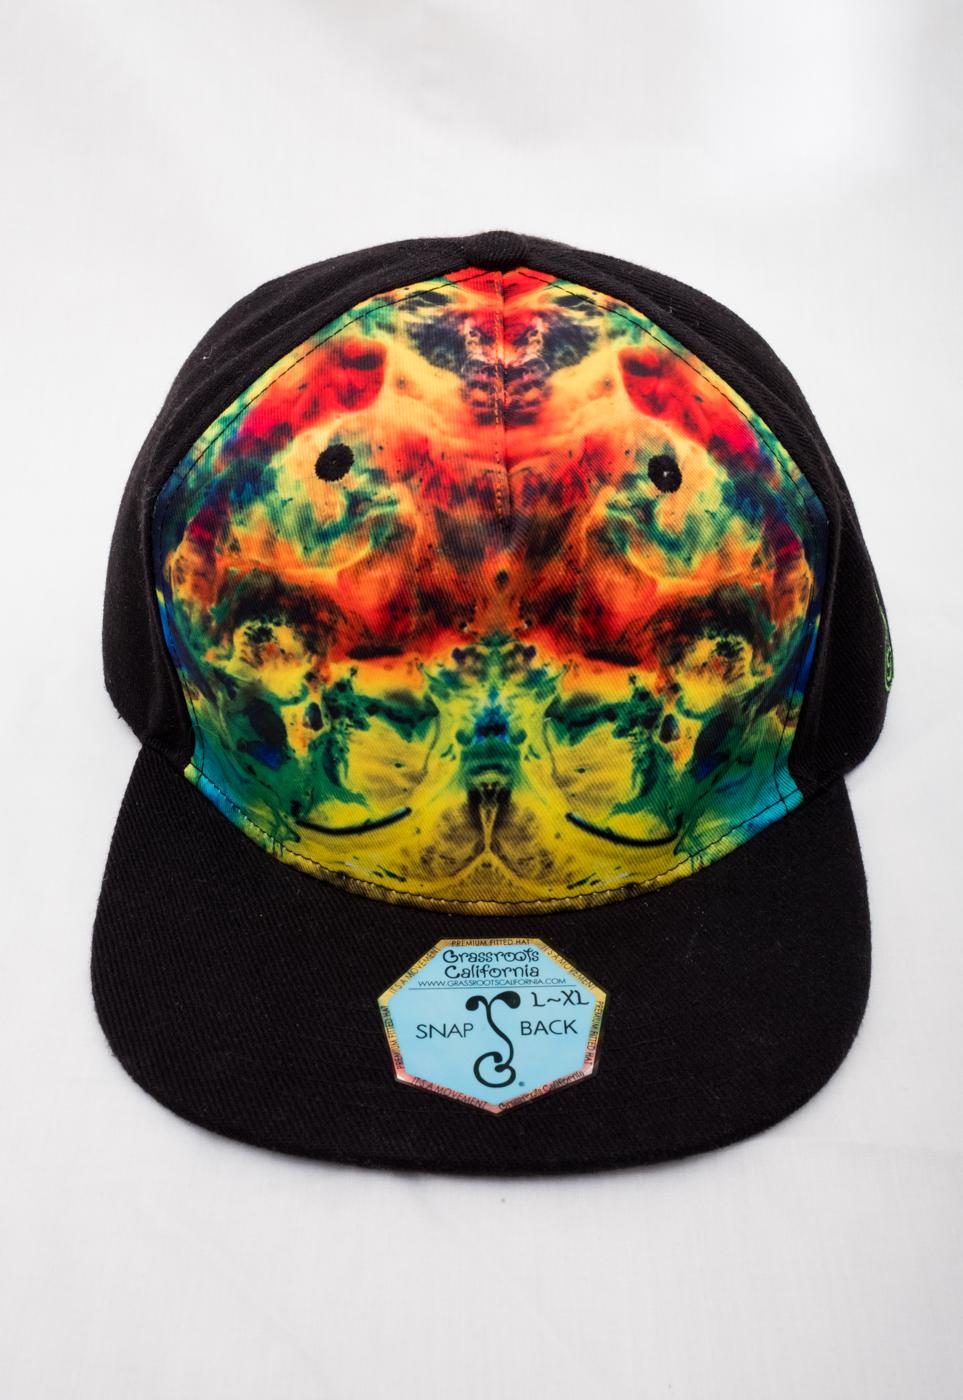 5fbd0efe6d6 Grassroots california hats jpg 963x1400 Grassroots california hats